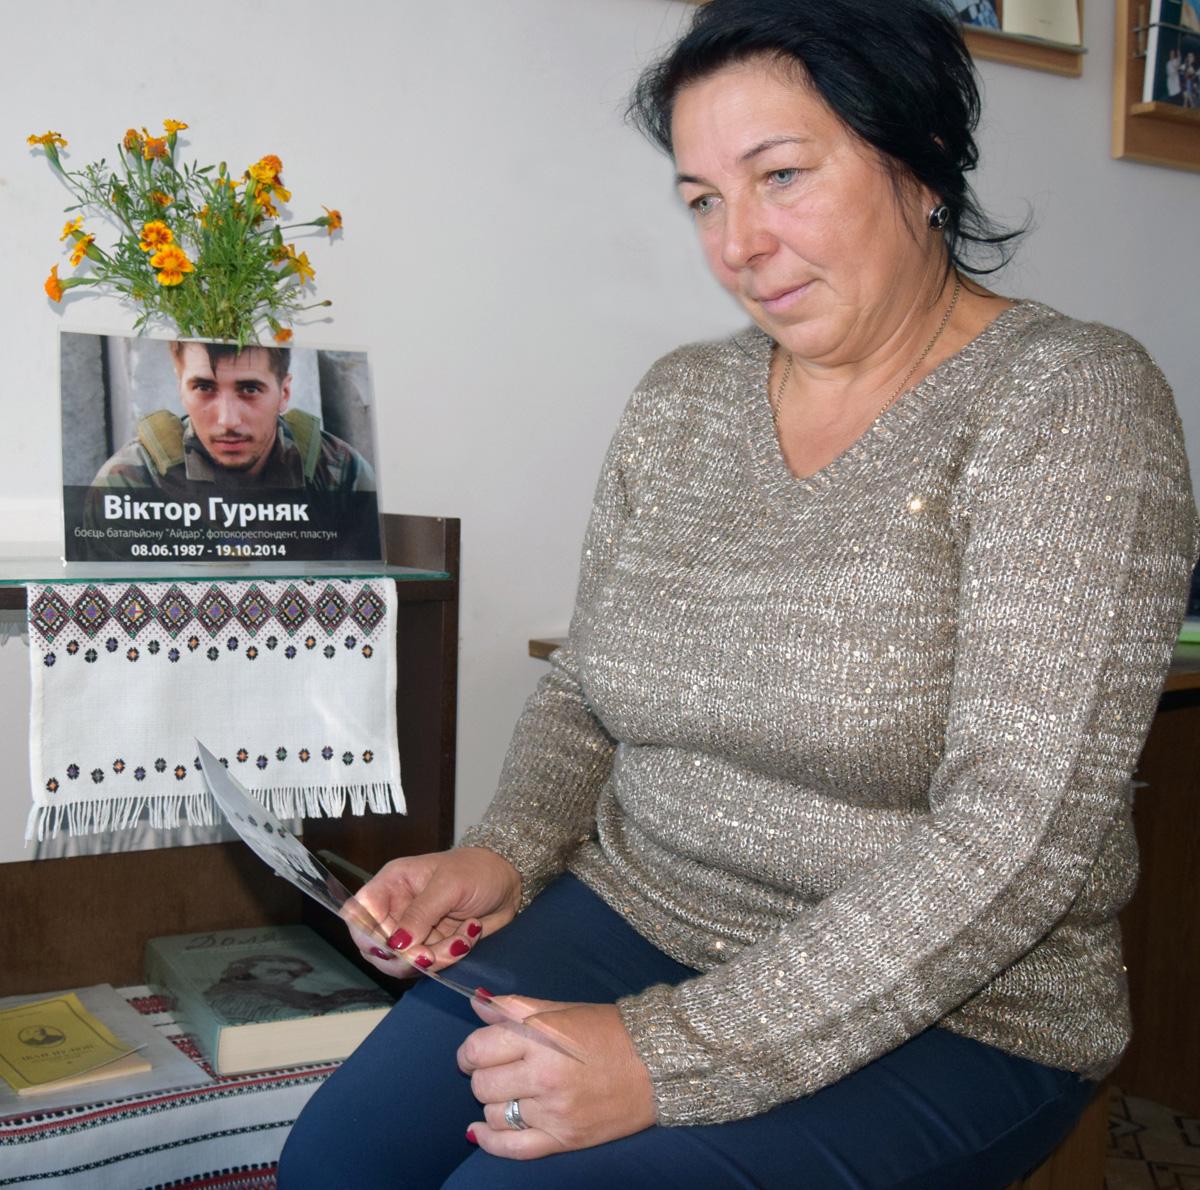 Марія Гурняк переглядає синові світлини. Фото автора